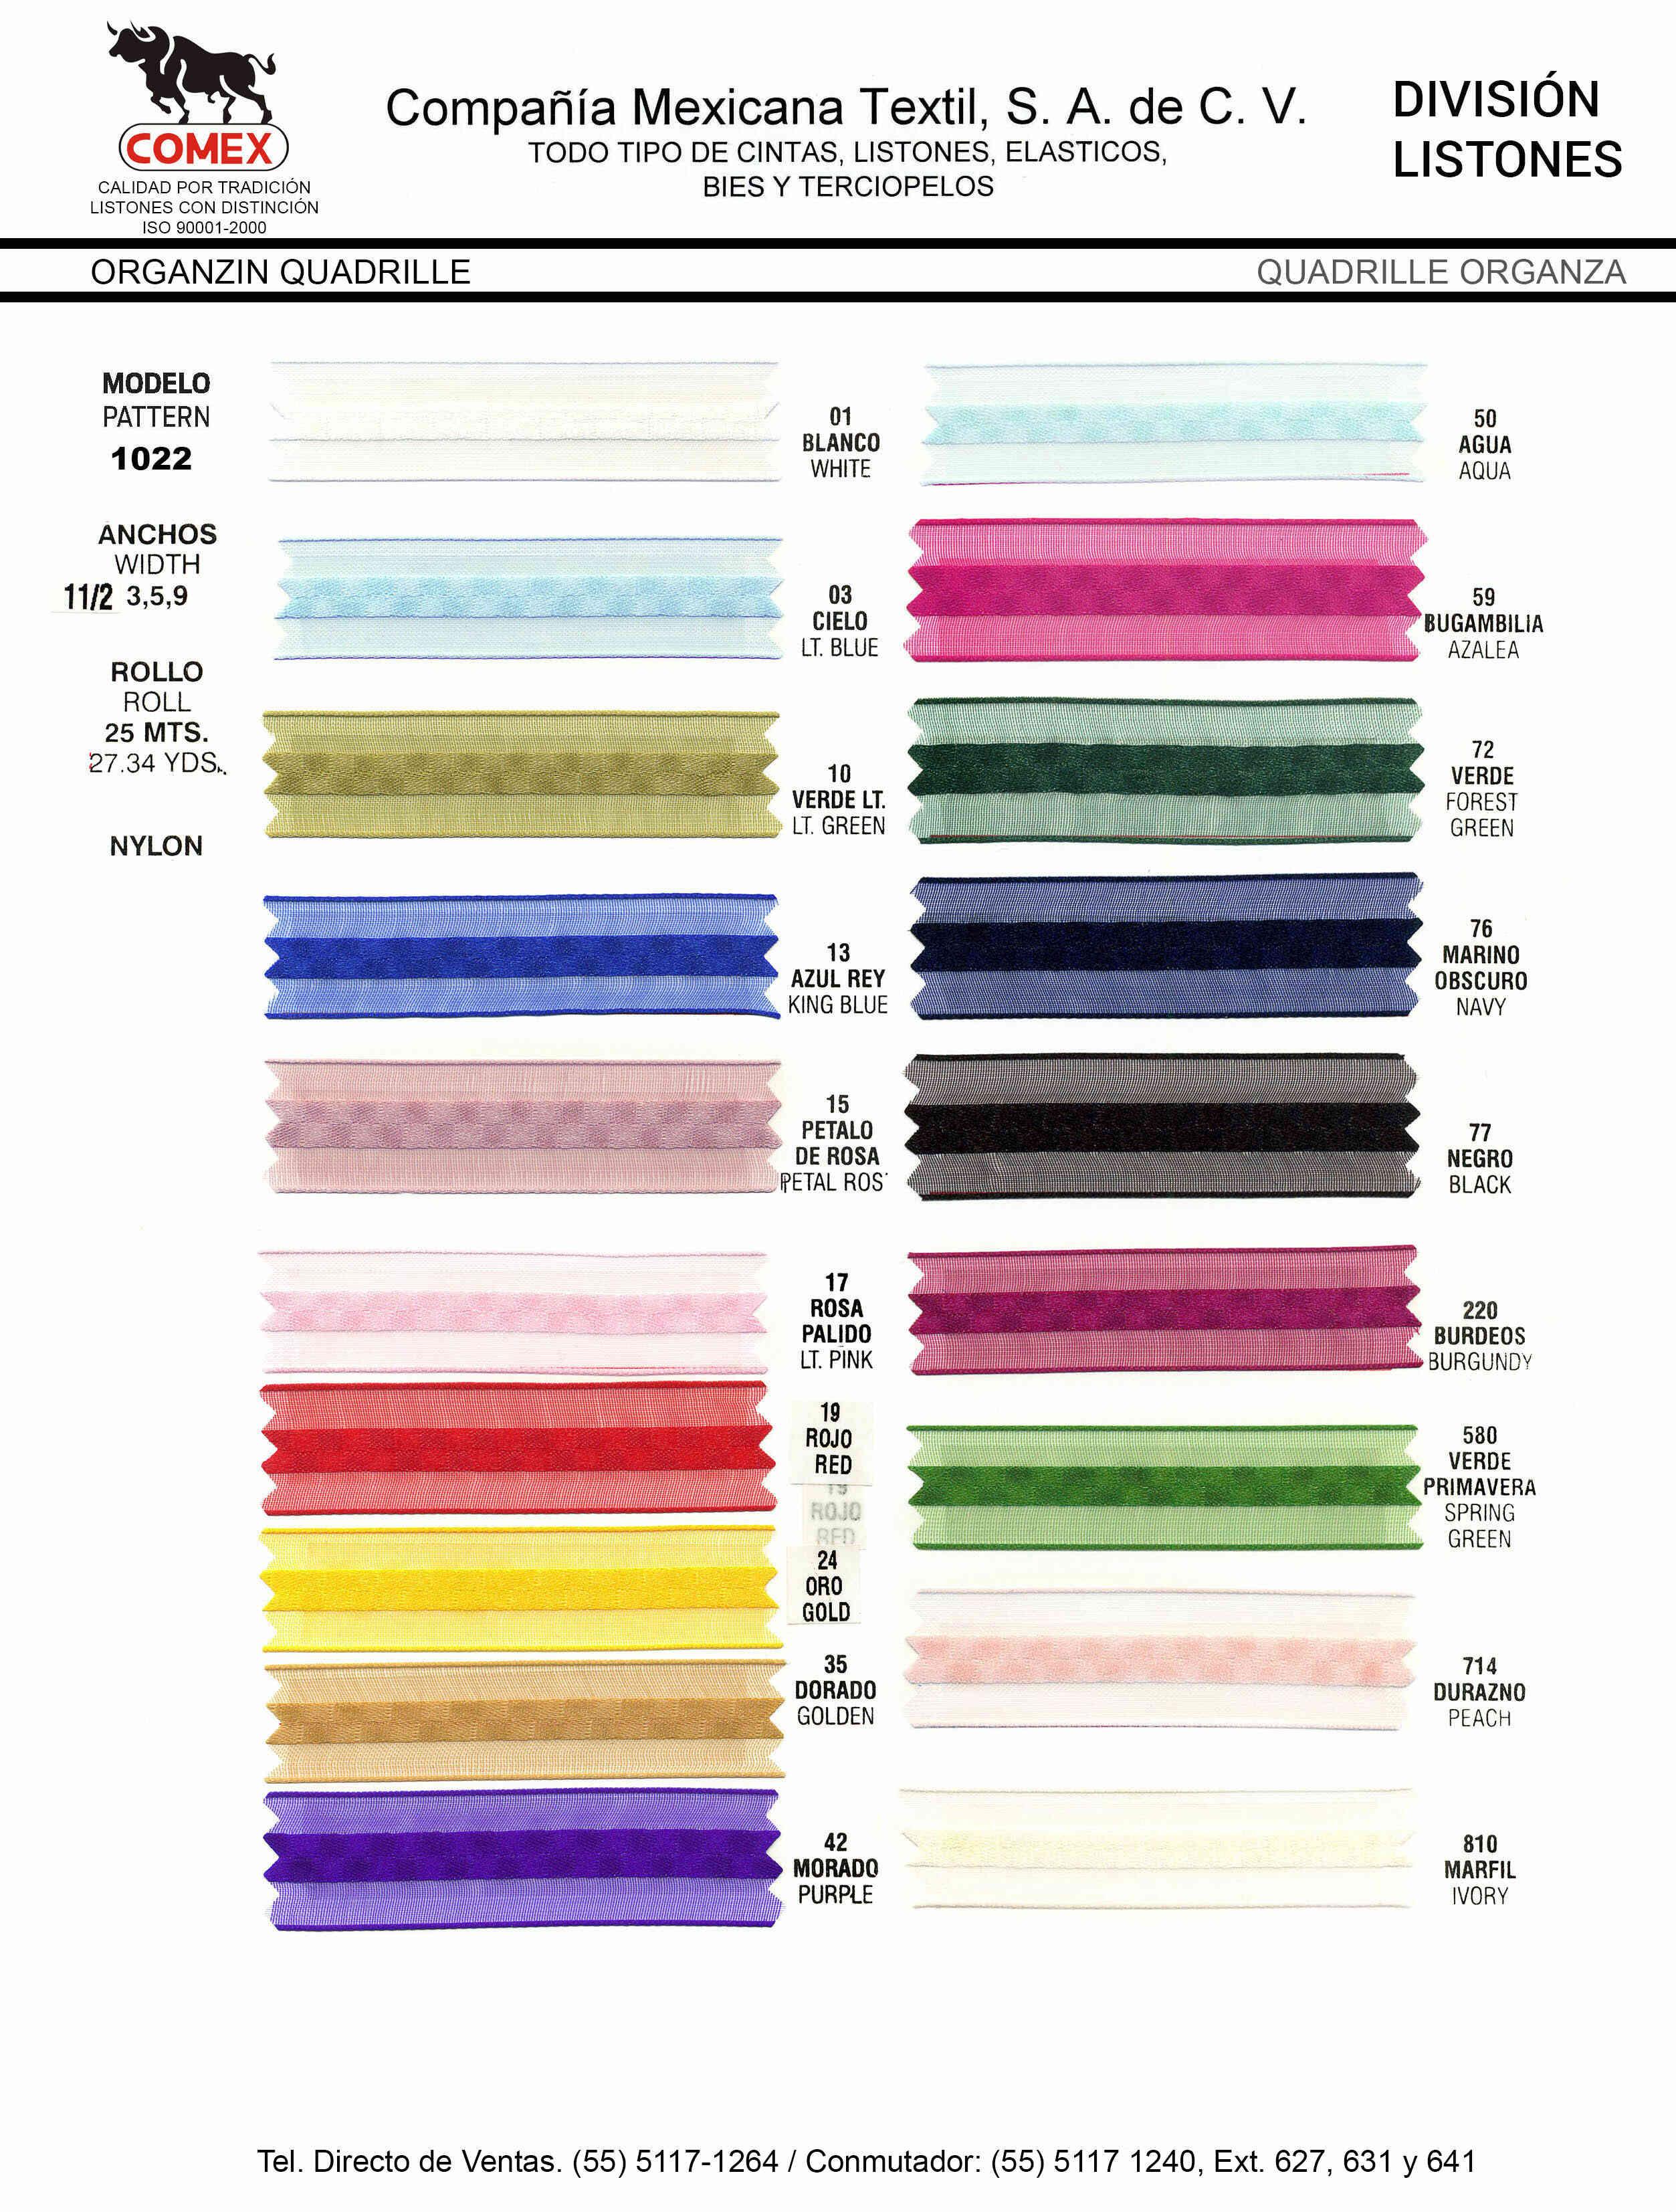 Anchos y Colores de Liston Mod.1022